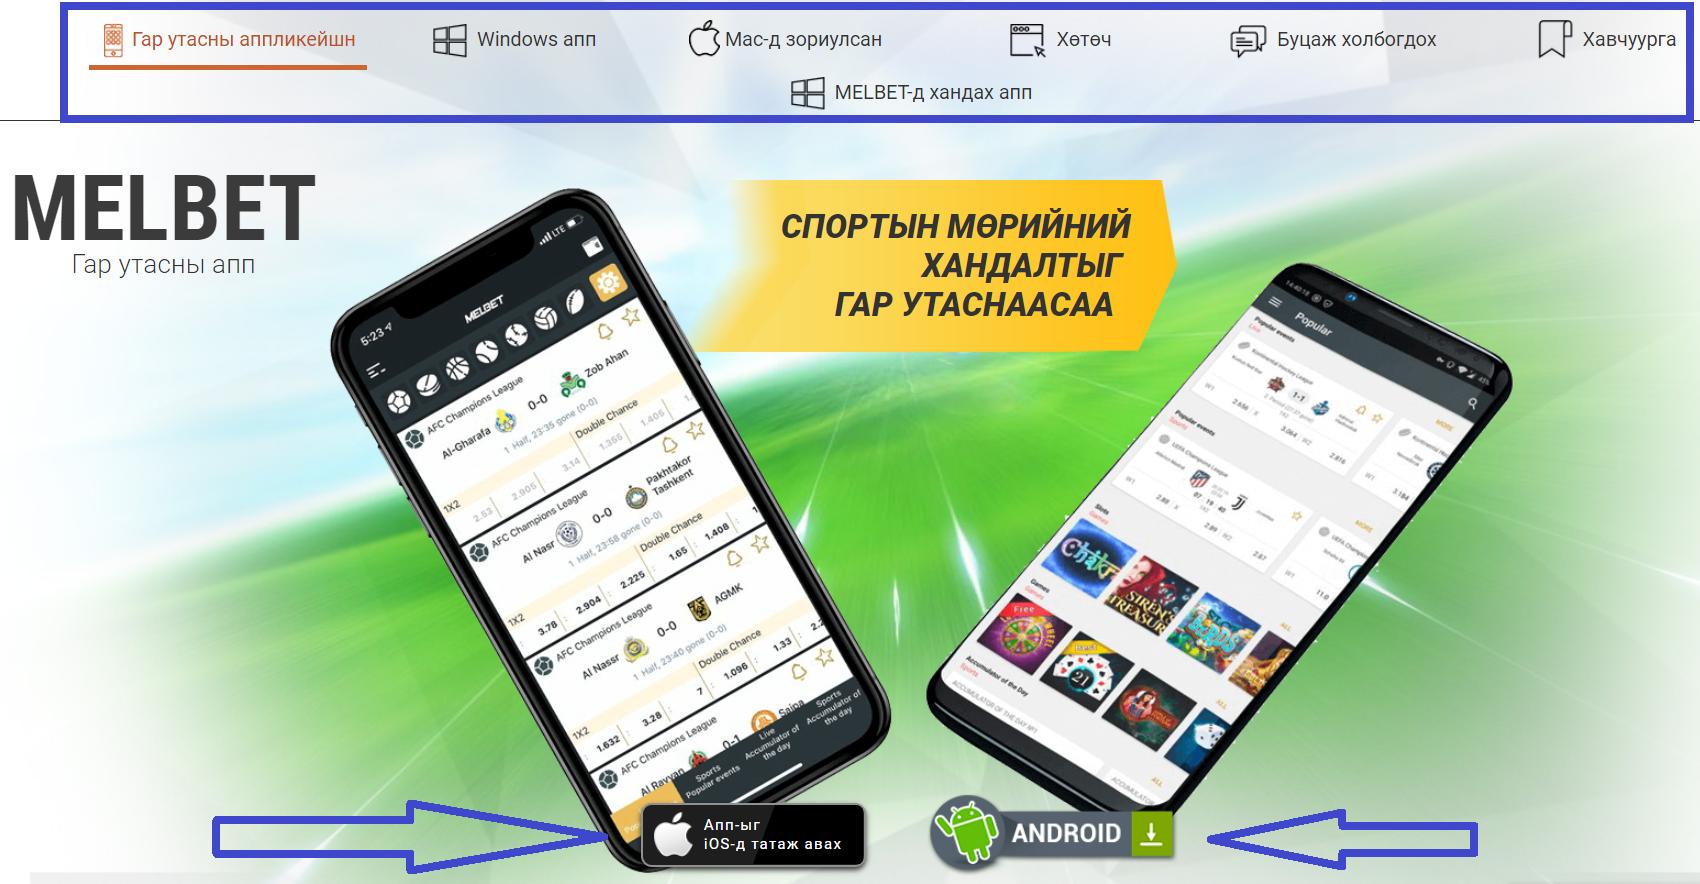 Melbet ios: Програмыг татаж авах төлөө iOS аас бооцооны компаний Melbet